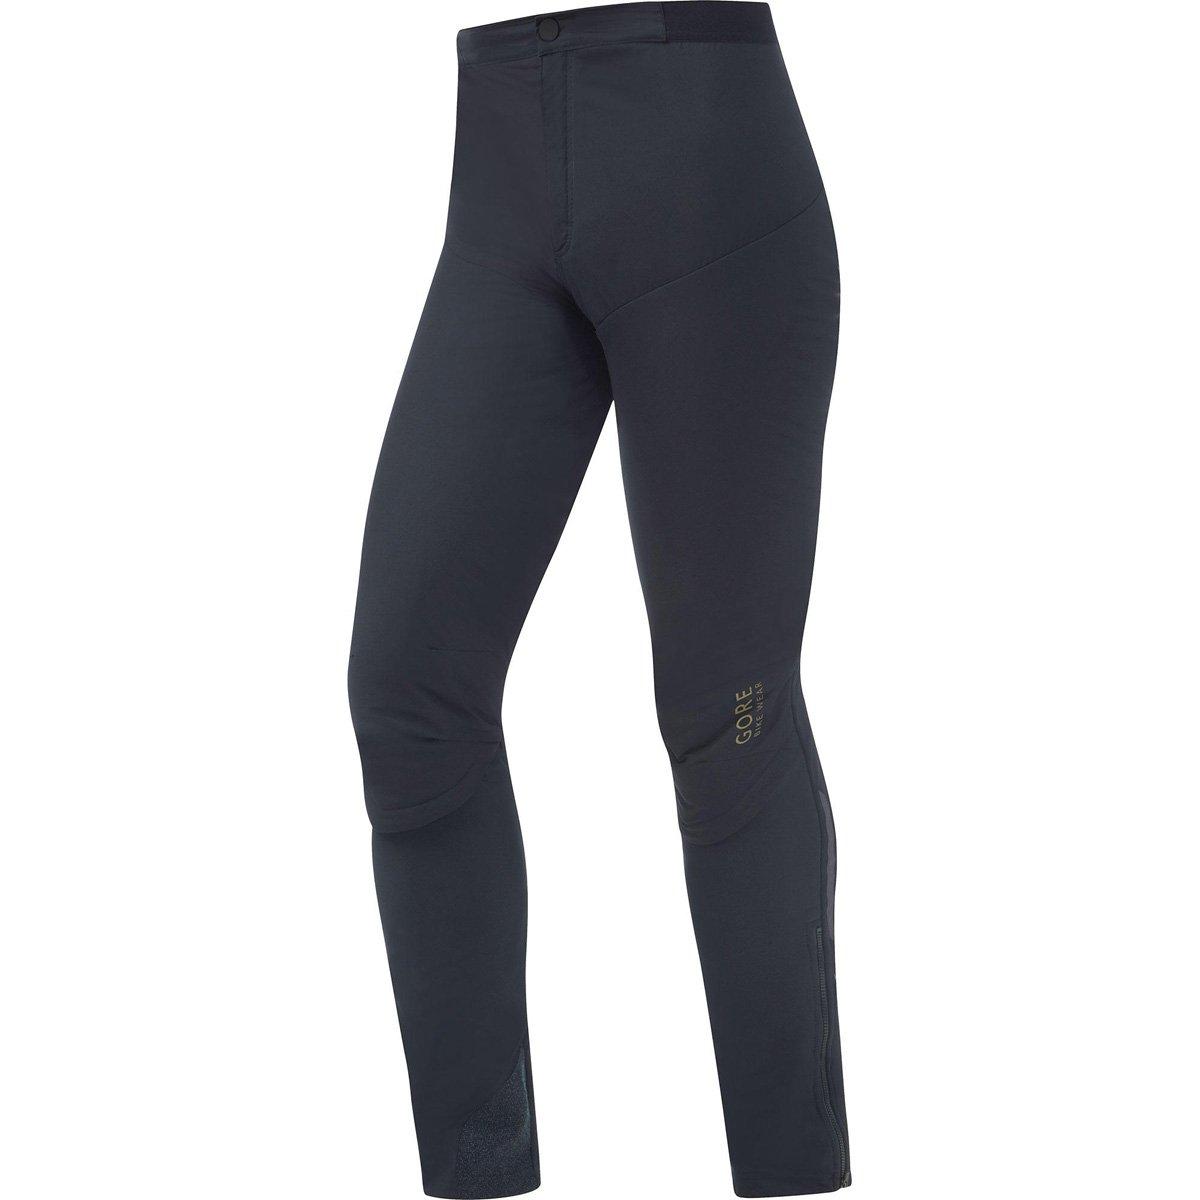 Gore Bike WEAR Men Bike Pants, Long, Gore Windstopper, with Primaloft Insulation, ONE Gore Windstopper Pants, Size: XL, Black, TWIONE